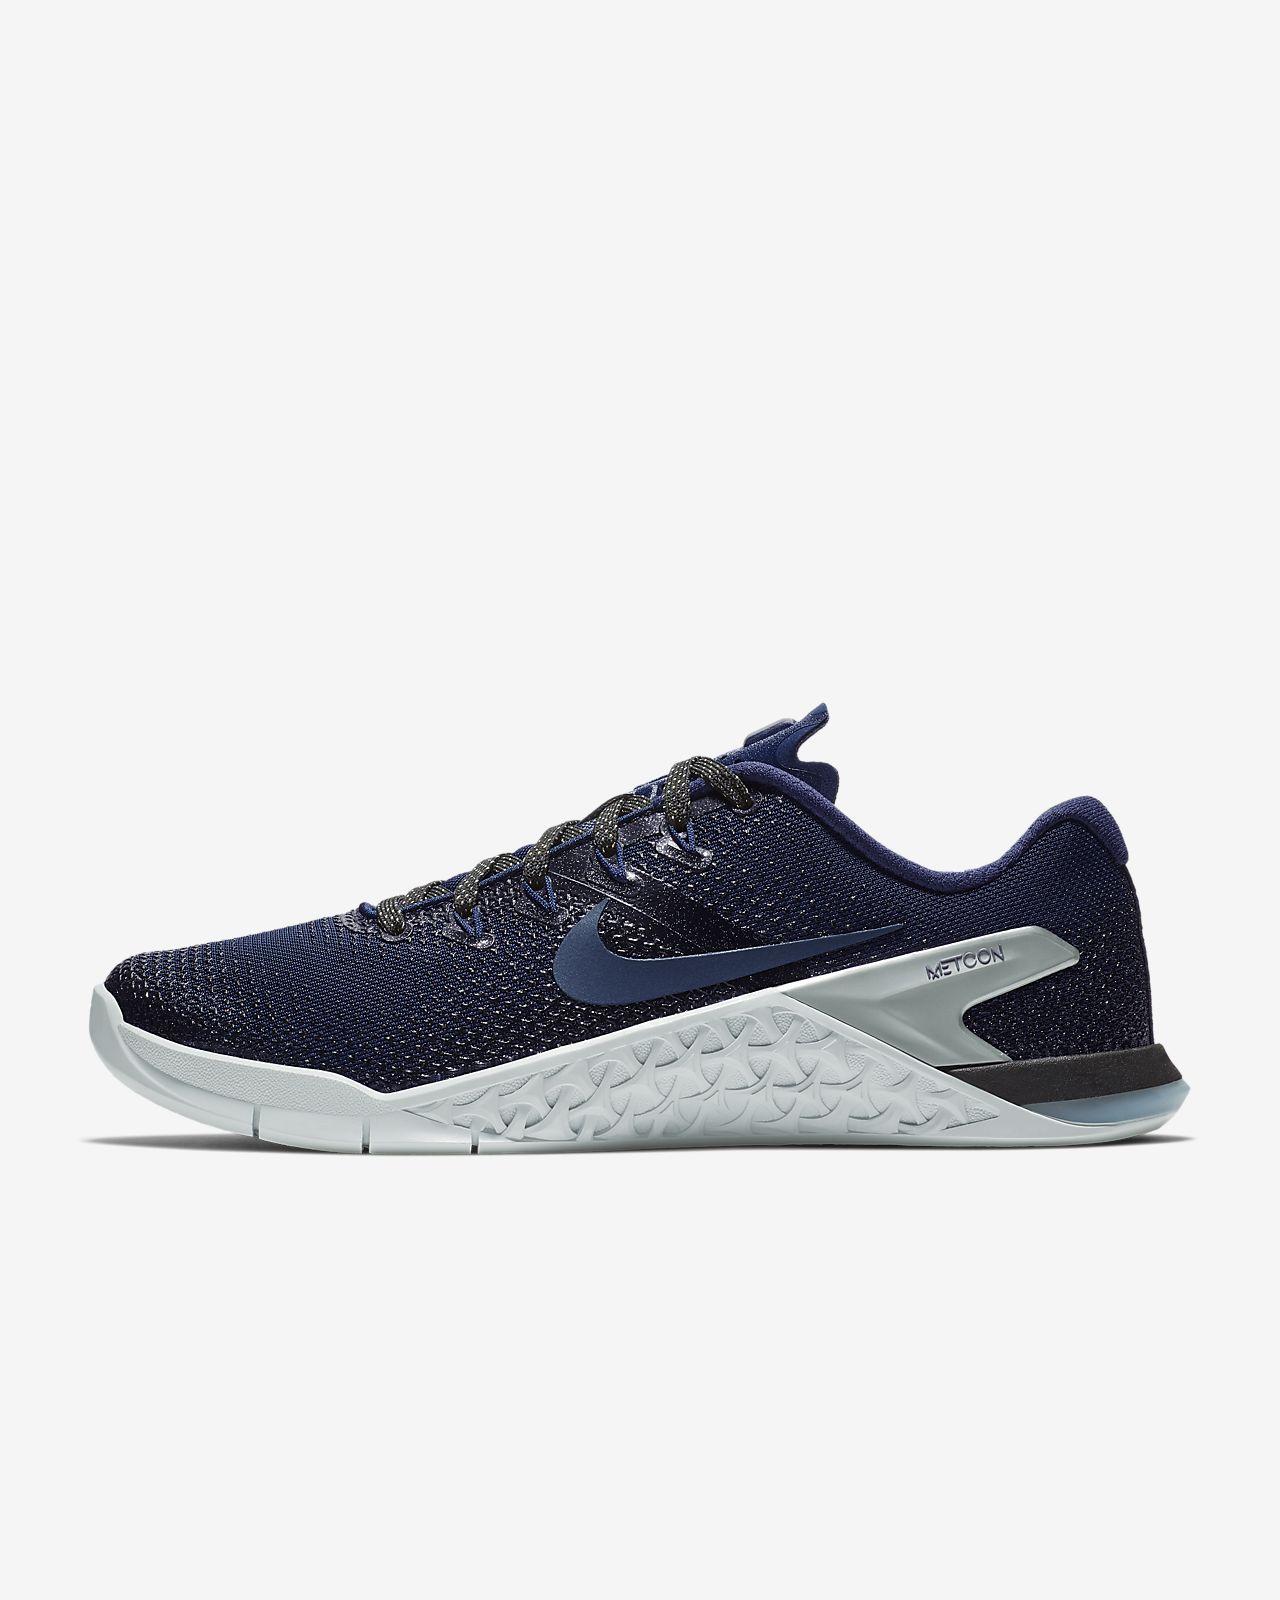 fb3f7ba341e Nike Metcon 4 Metallic Women's Training Shoe